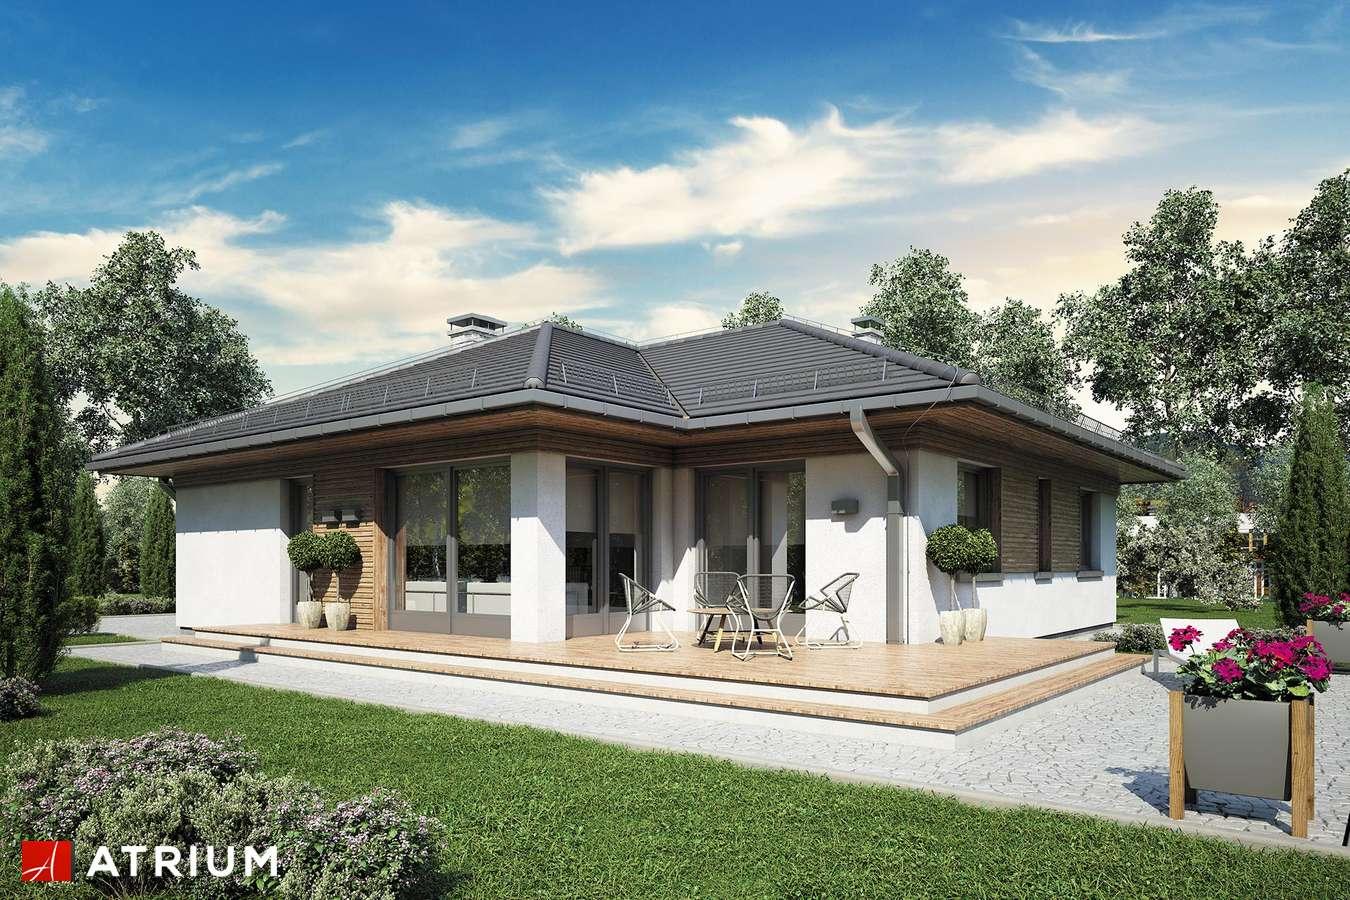 Projekty domów - Projekt domu parterowego MERIDA II - wizualizacja 2 - wersja lustrzana